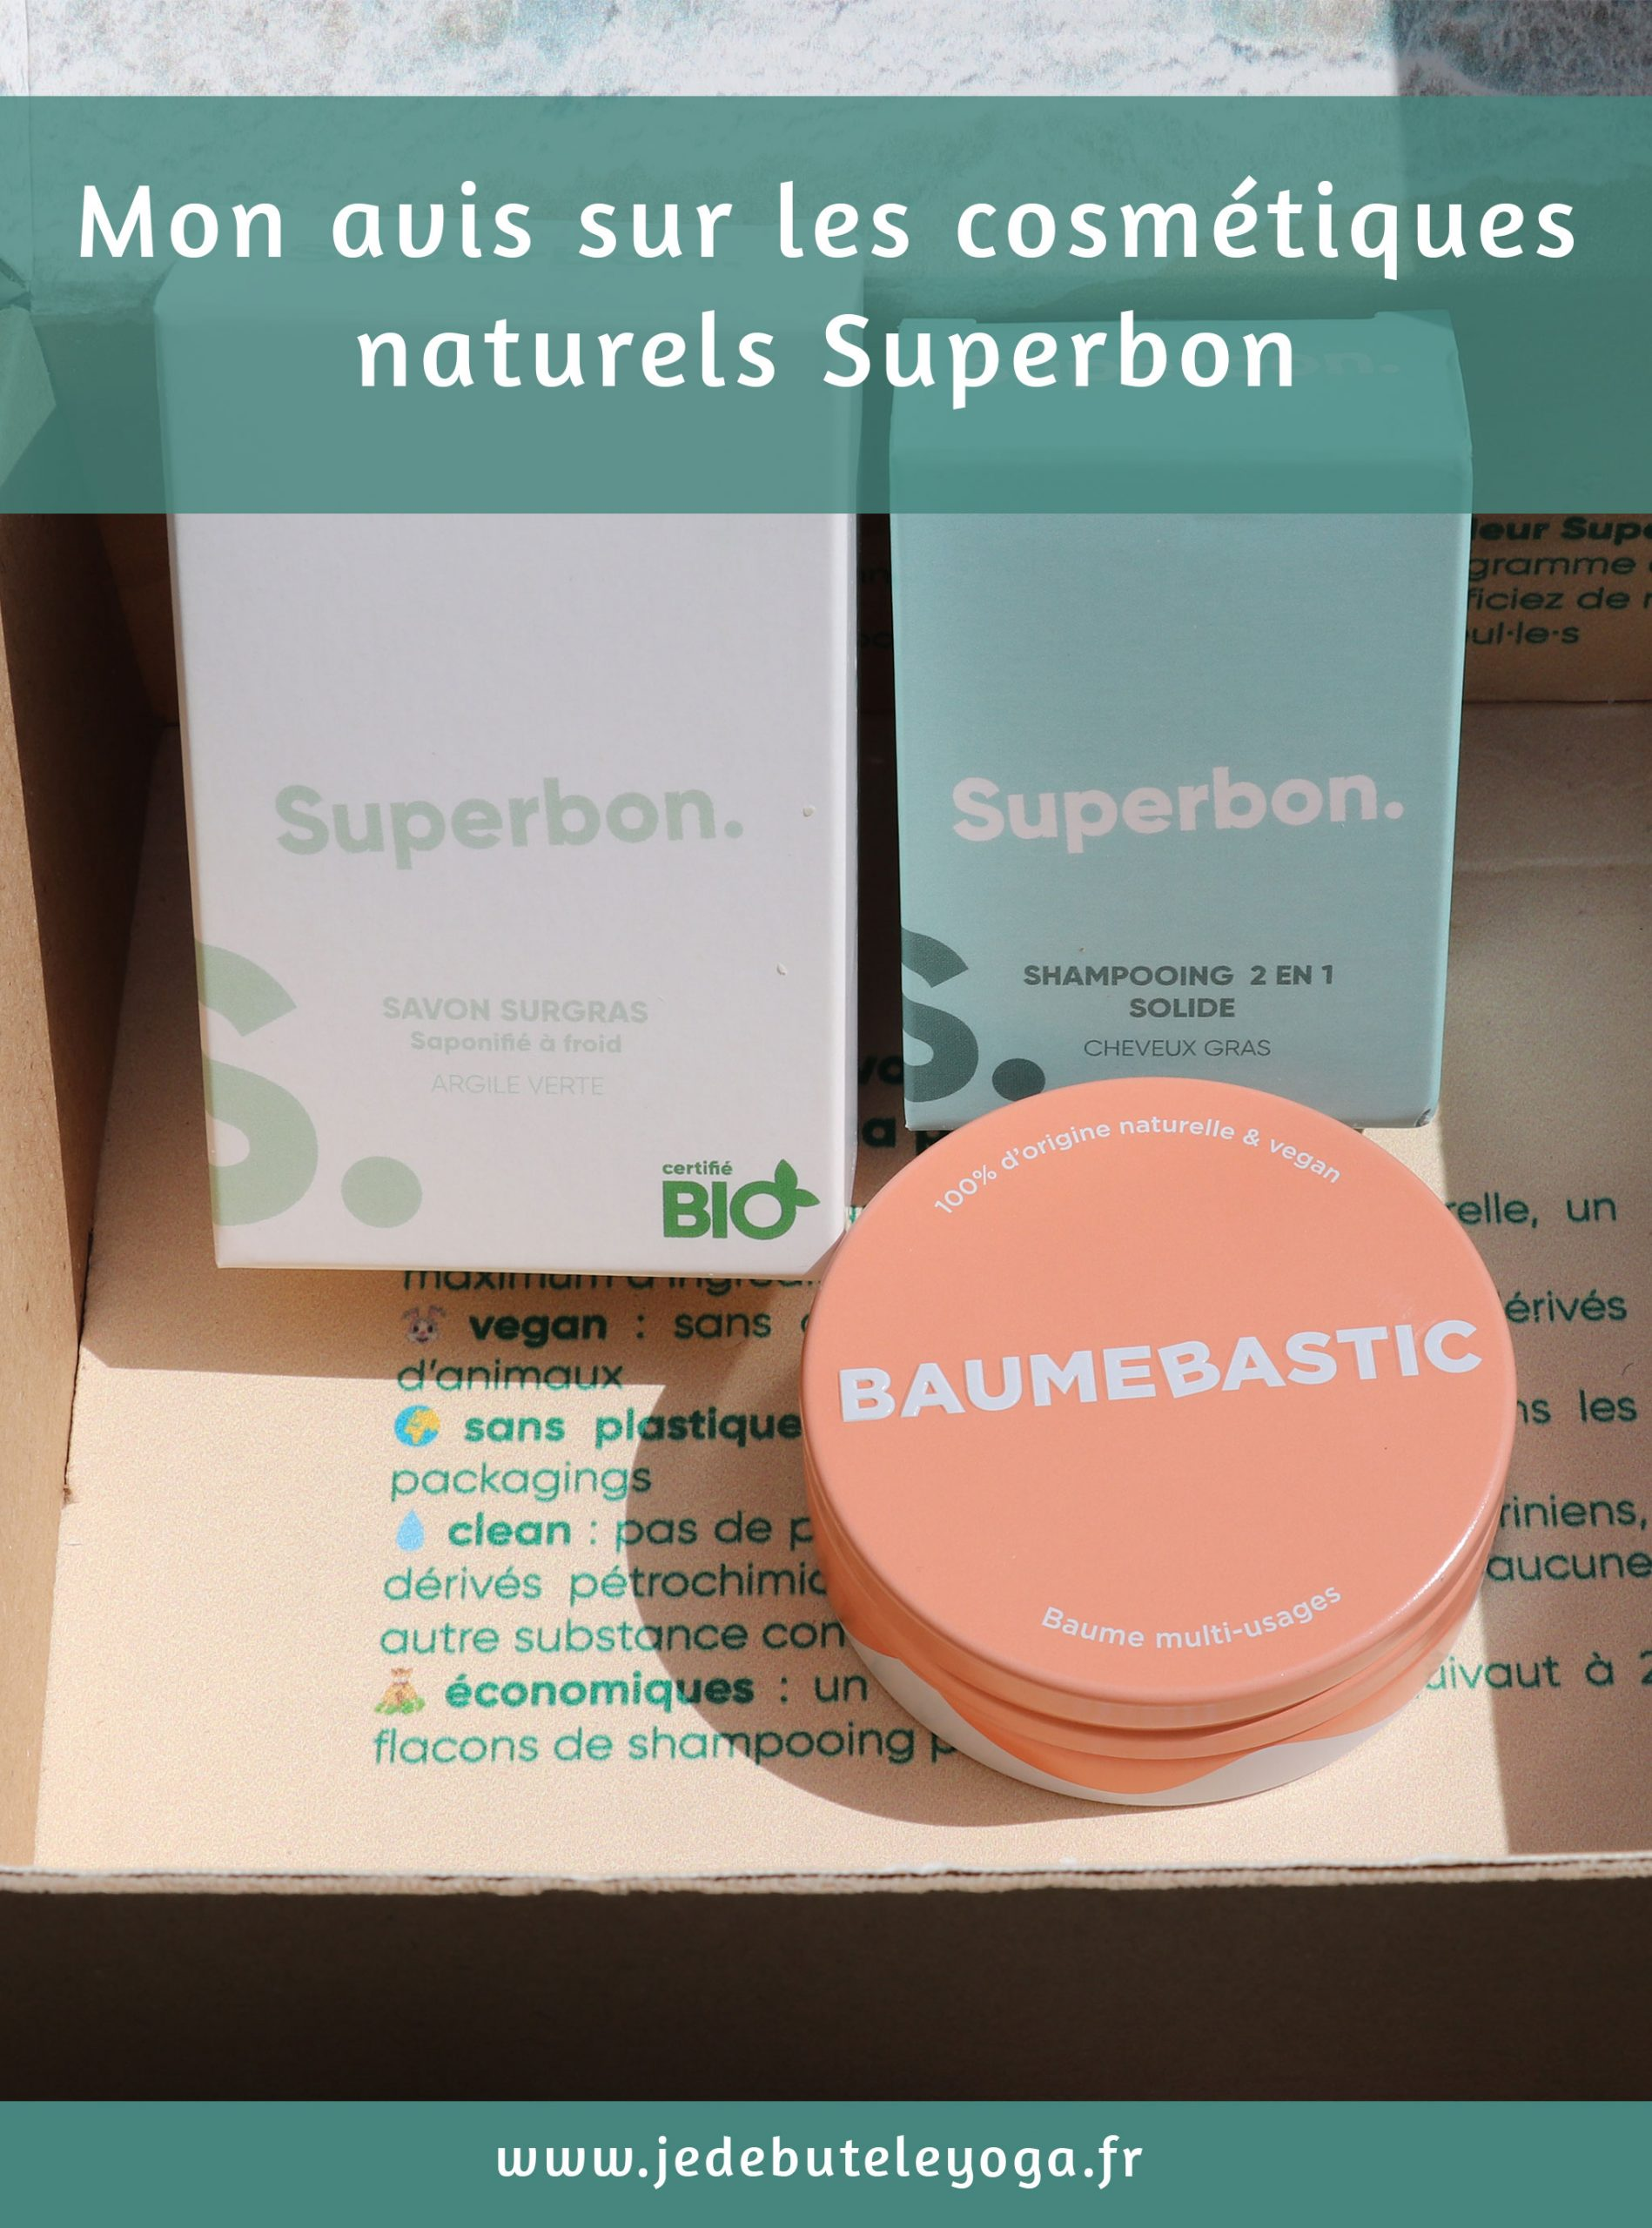 Mon avis sur les cosmétiques naturels Superbon